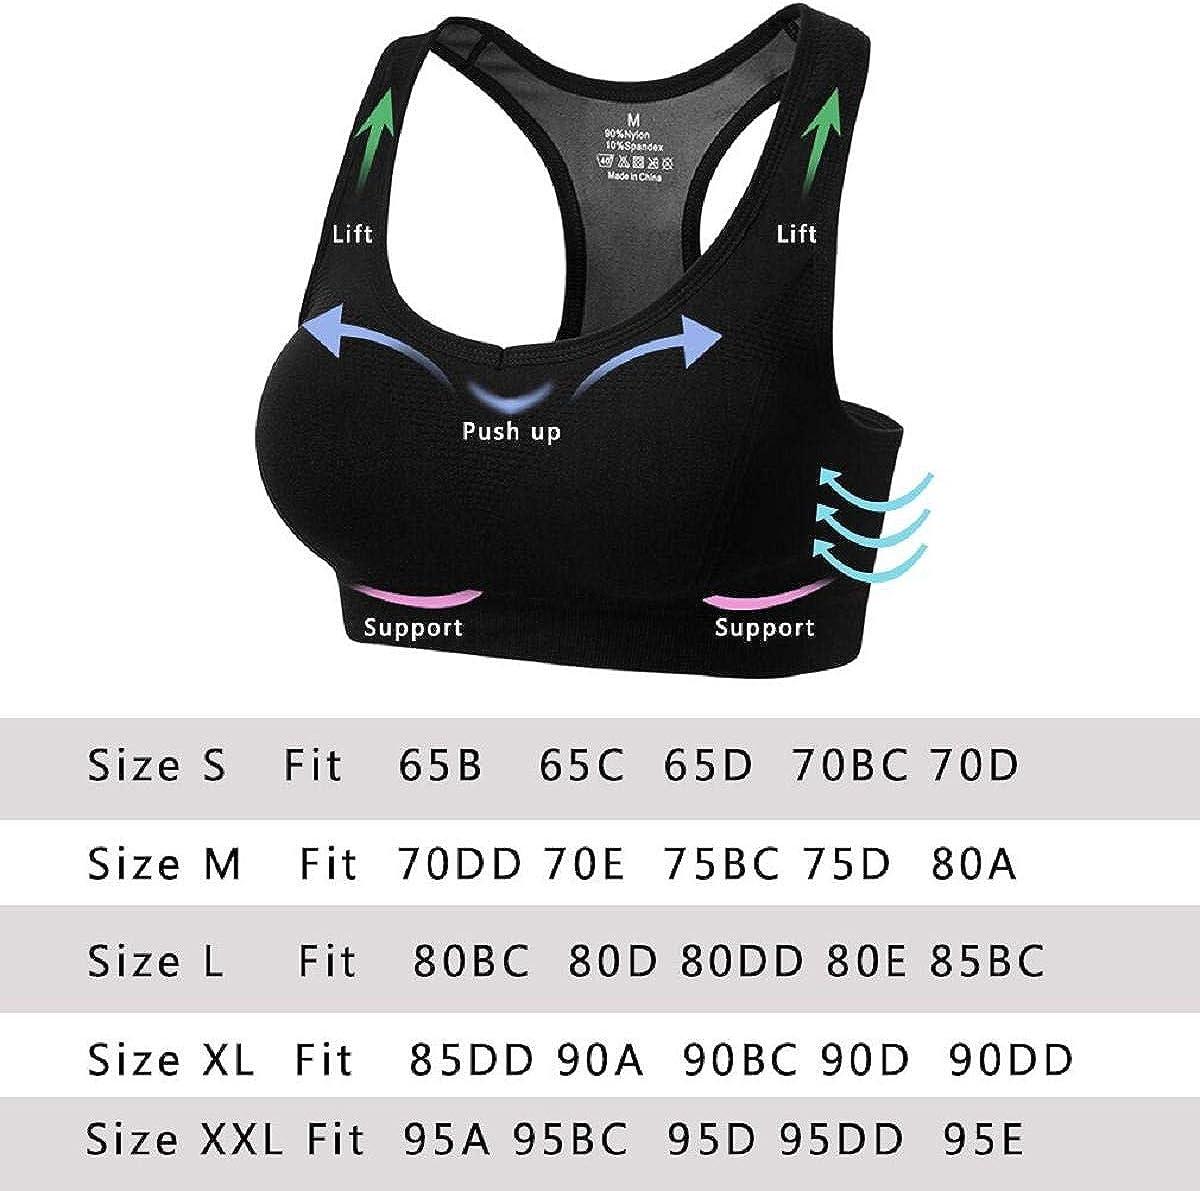 c/ómodos Suave y Almohadillas Extra/íbles,Bra Deporte sin Costuras para Yoga//Fitness//Run//Ejercicio Abollria Sujetador Deportivo para Mujeres